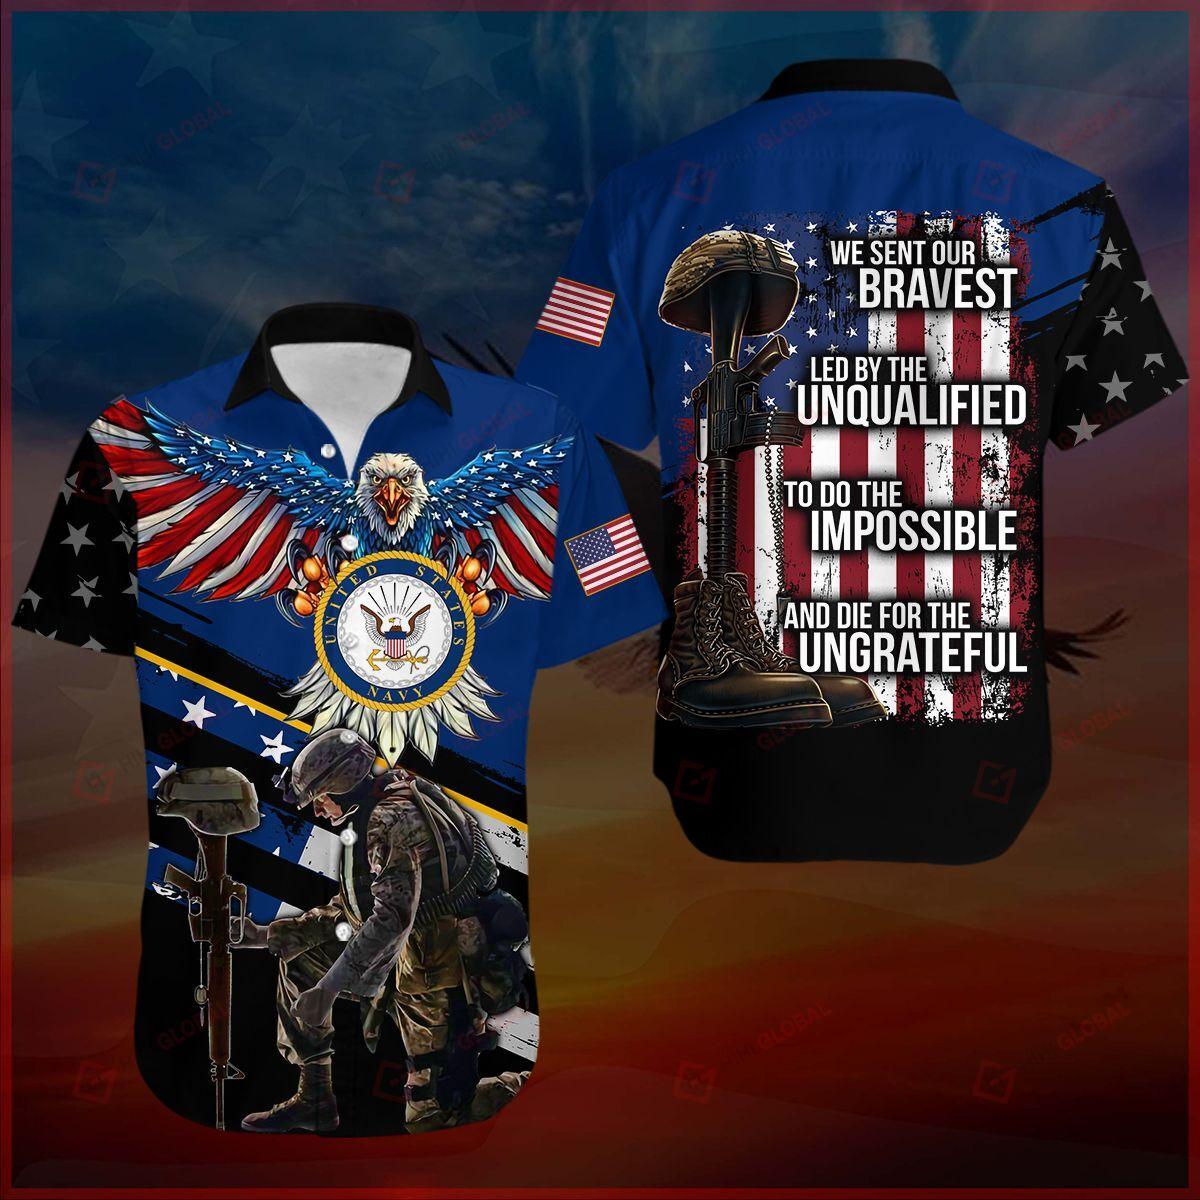 We sent our bravest Veteran Blue Hawaiian shirt